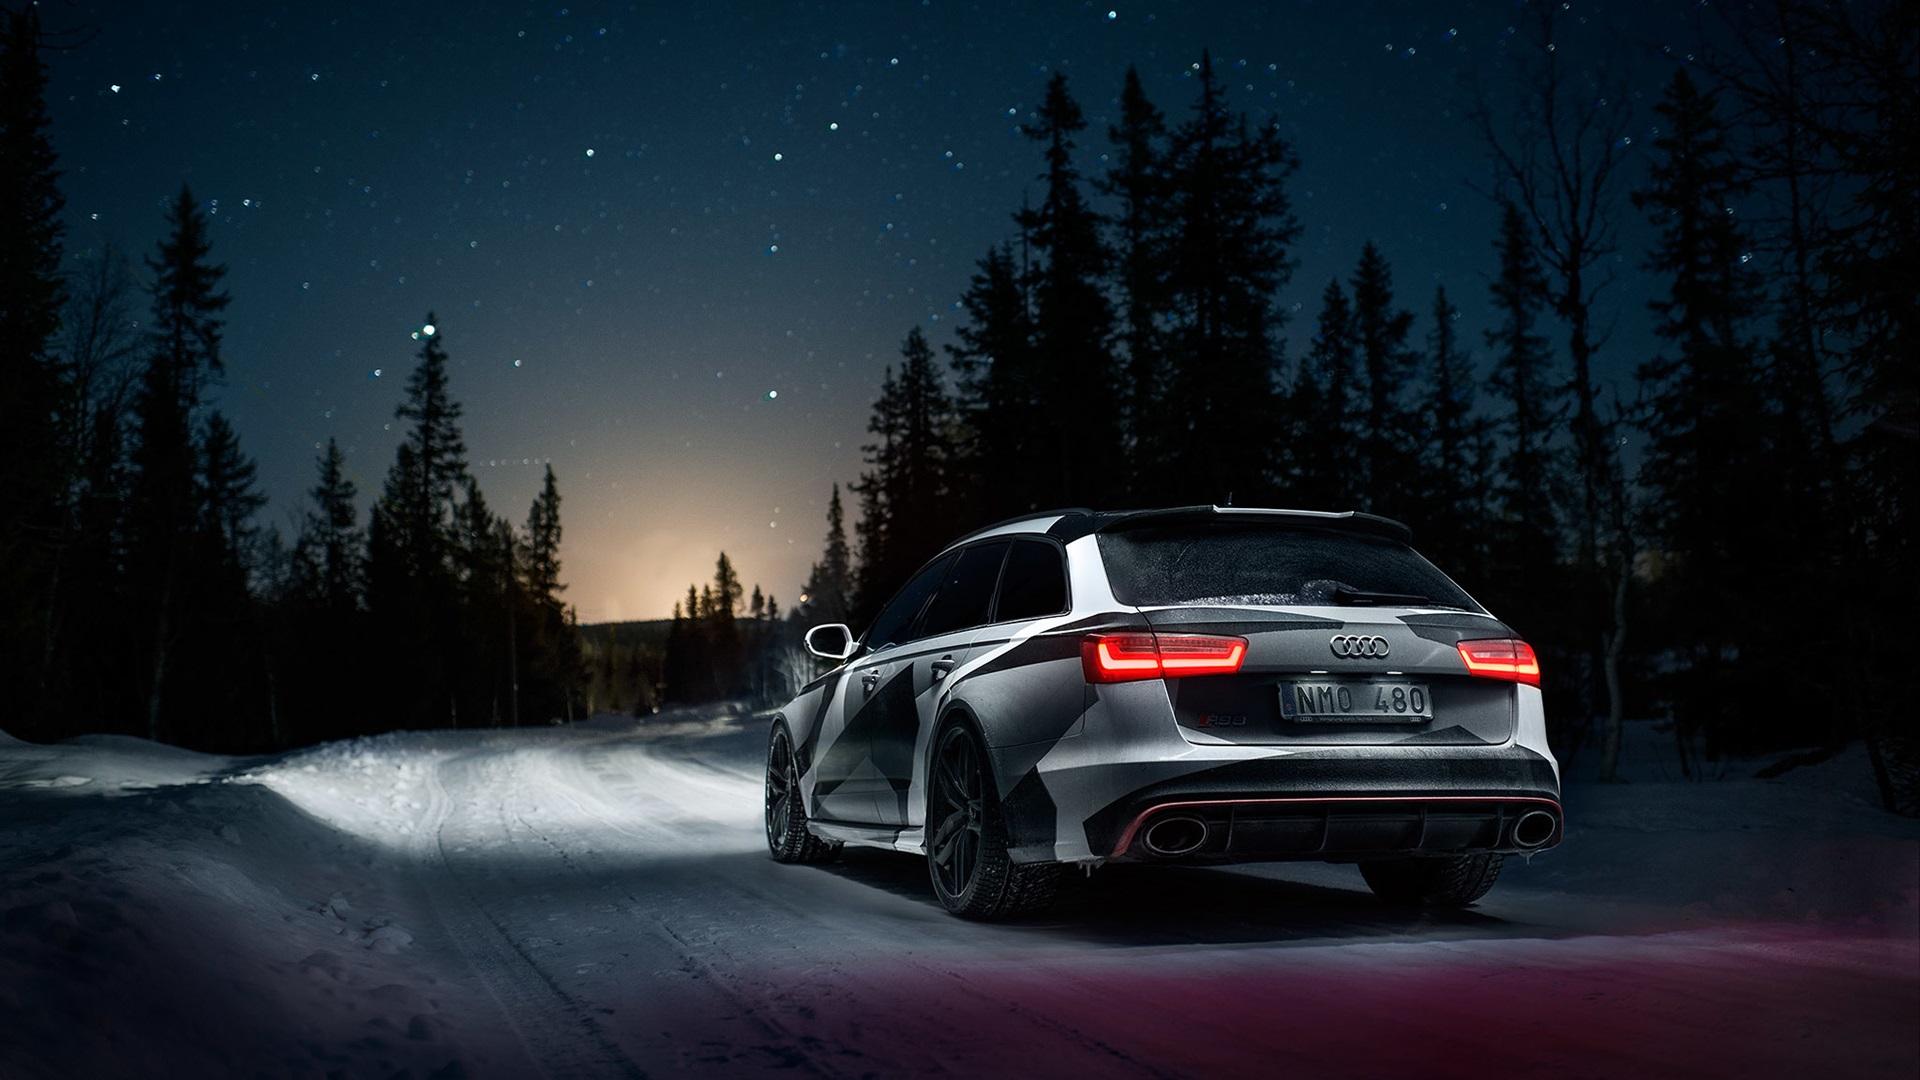 Fonds d'écran Audi RS6 voiture vue arrière, hiver, neige ...